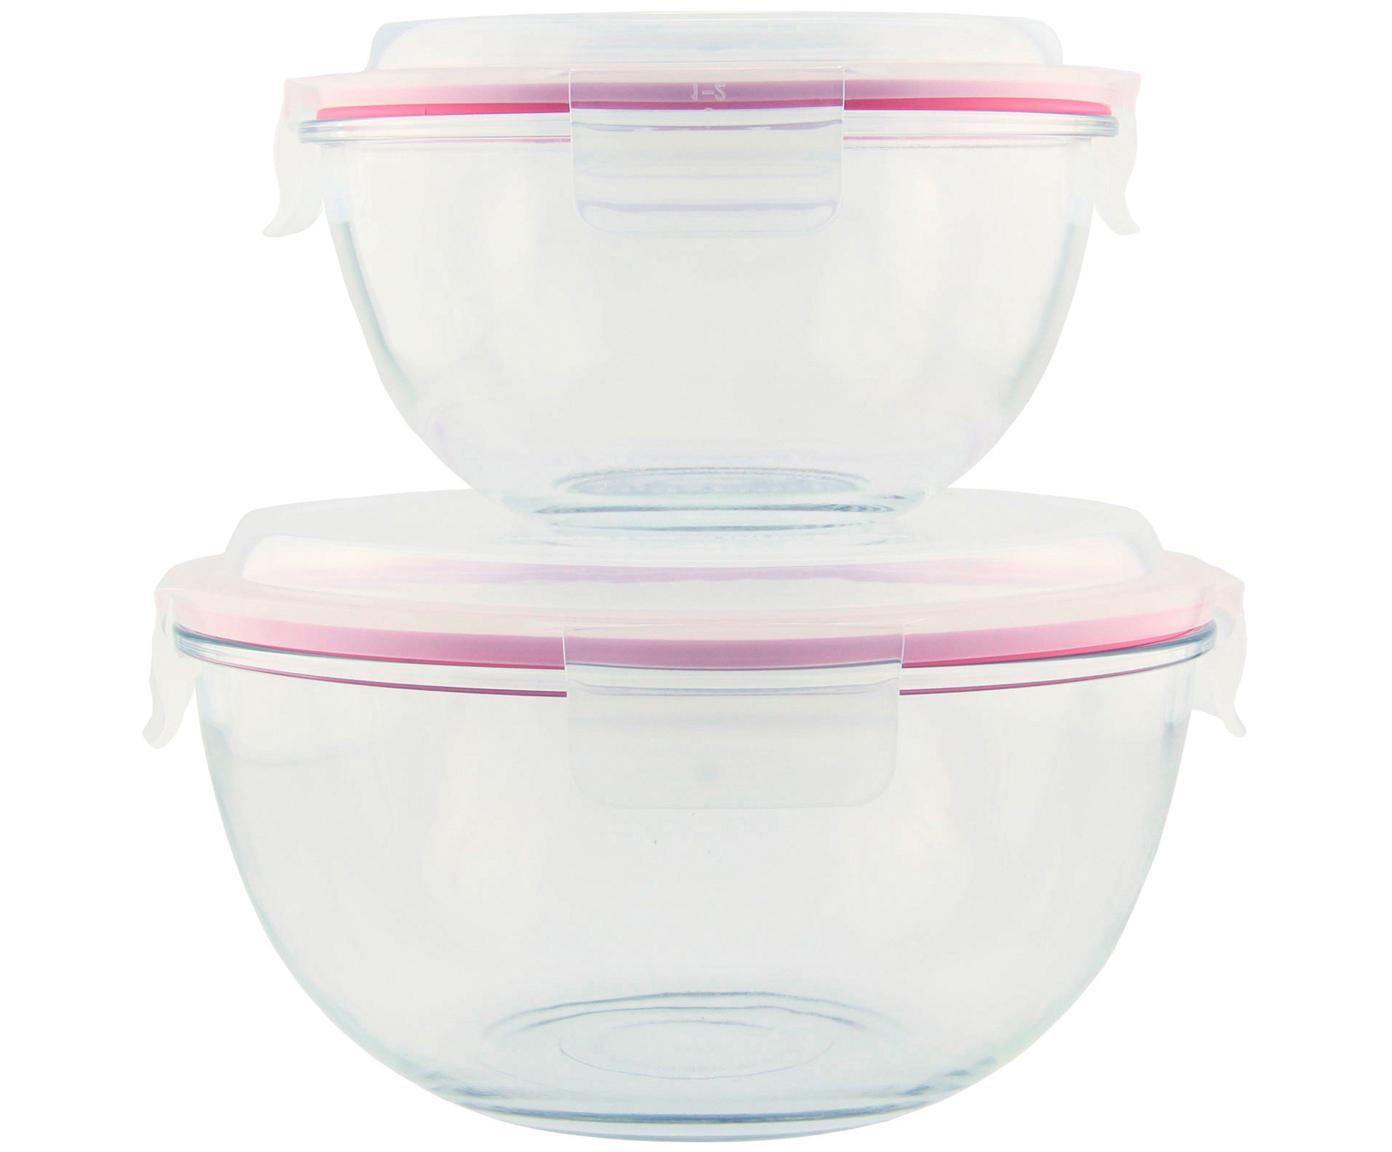 Set contenitori da insalata Lilo, 2 pz., Contenitore: vetro temperato, privo di, Trasparente,rosa, Diverse dimensioni